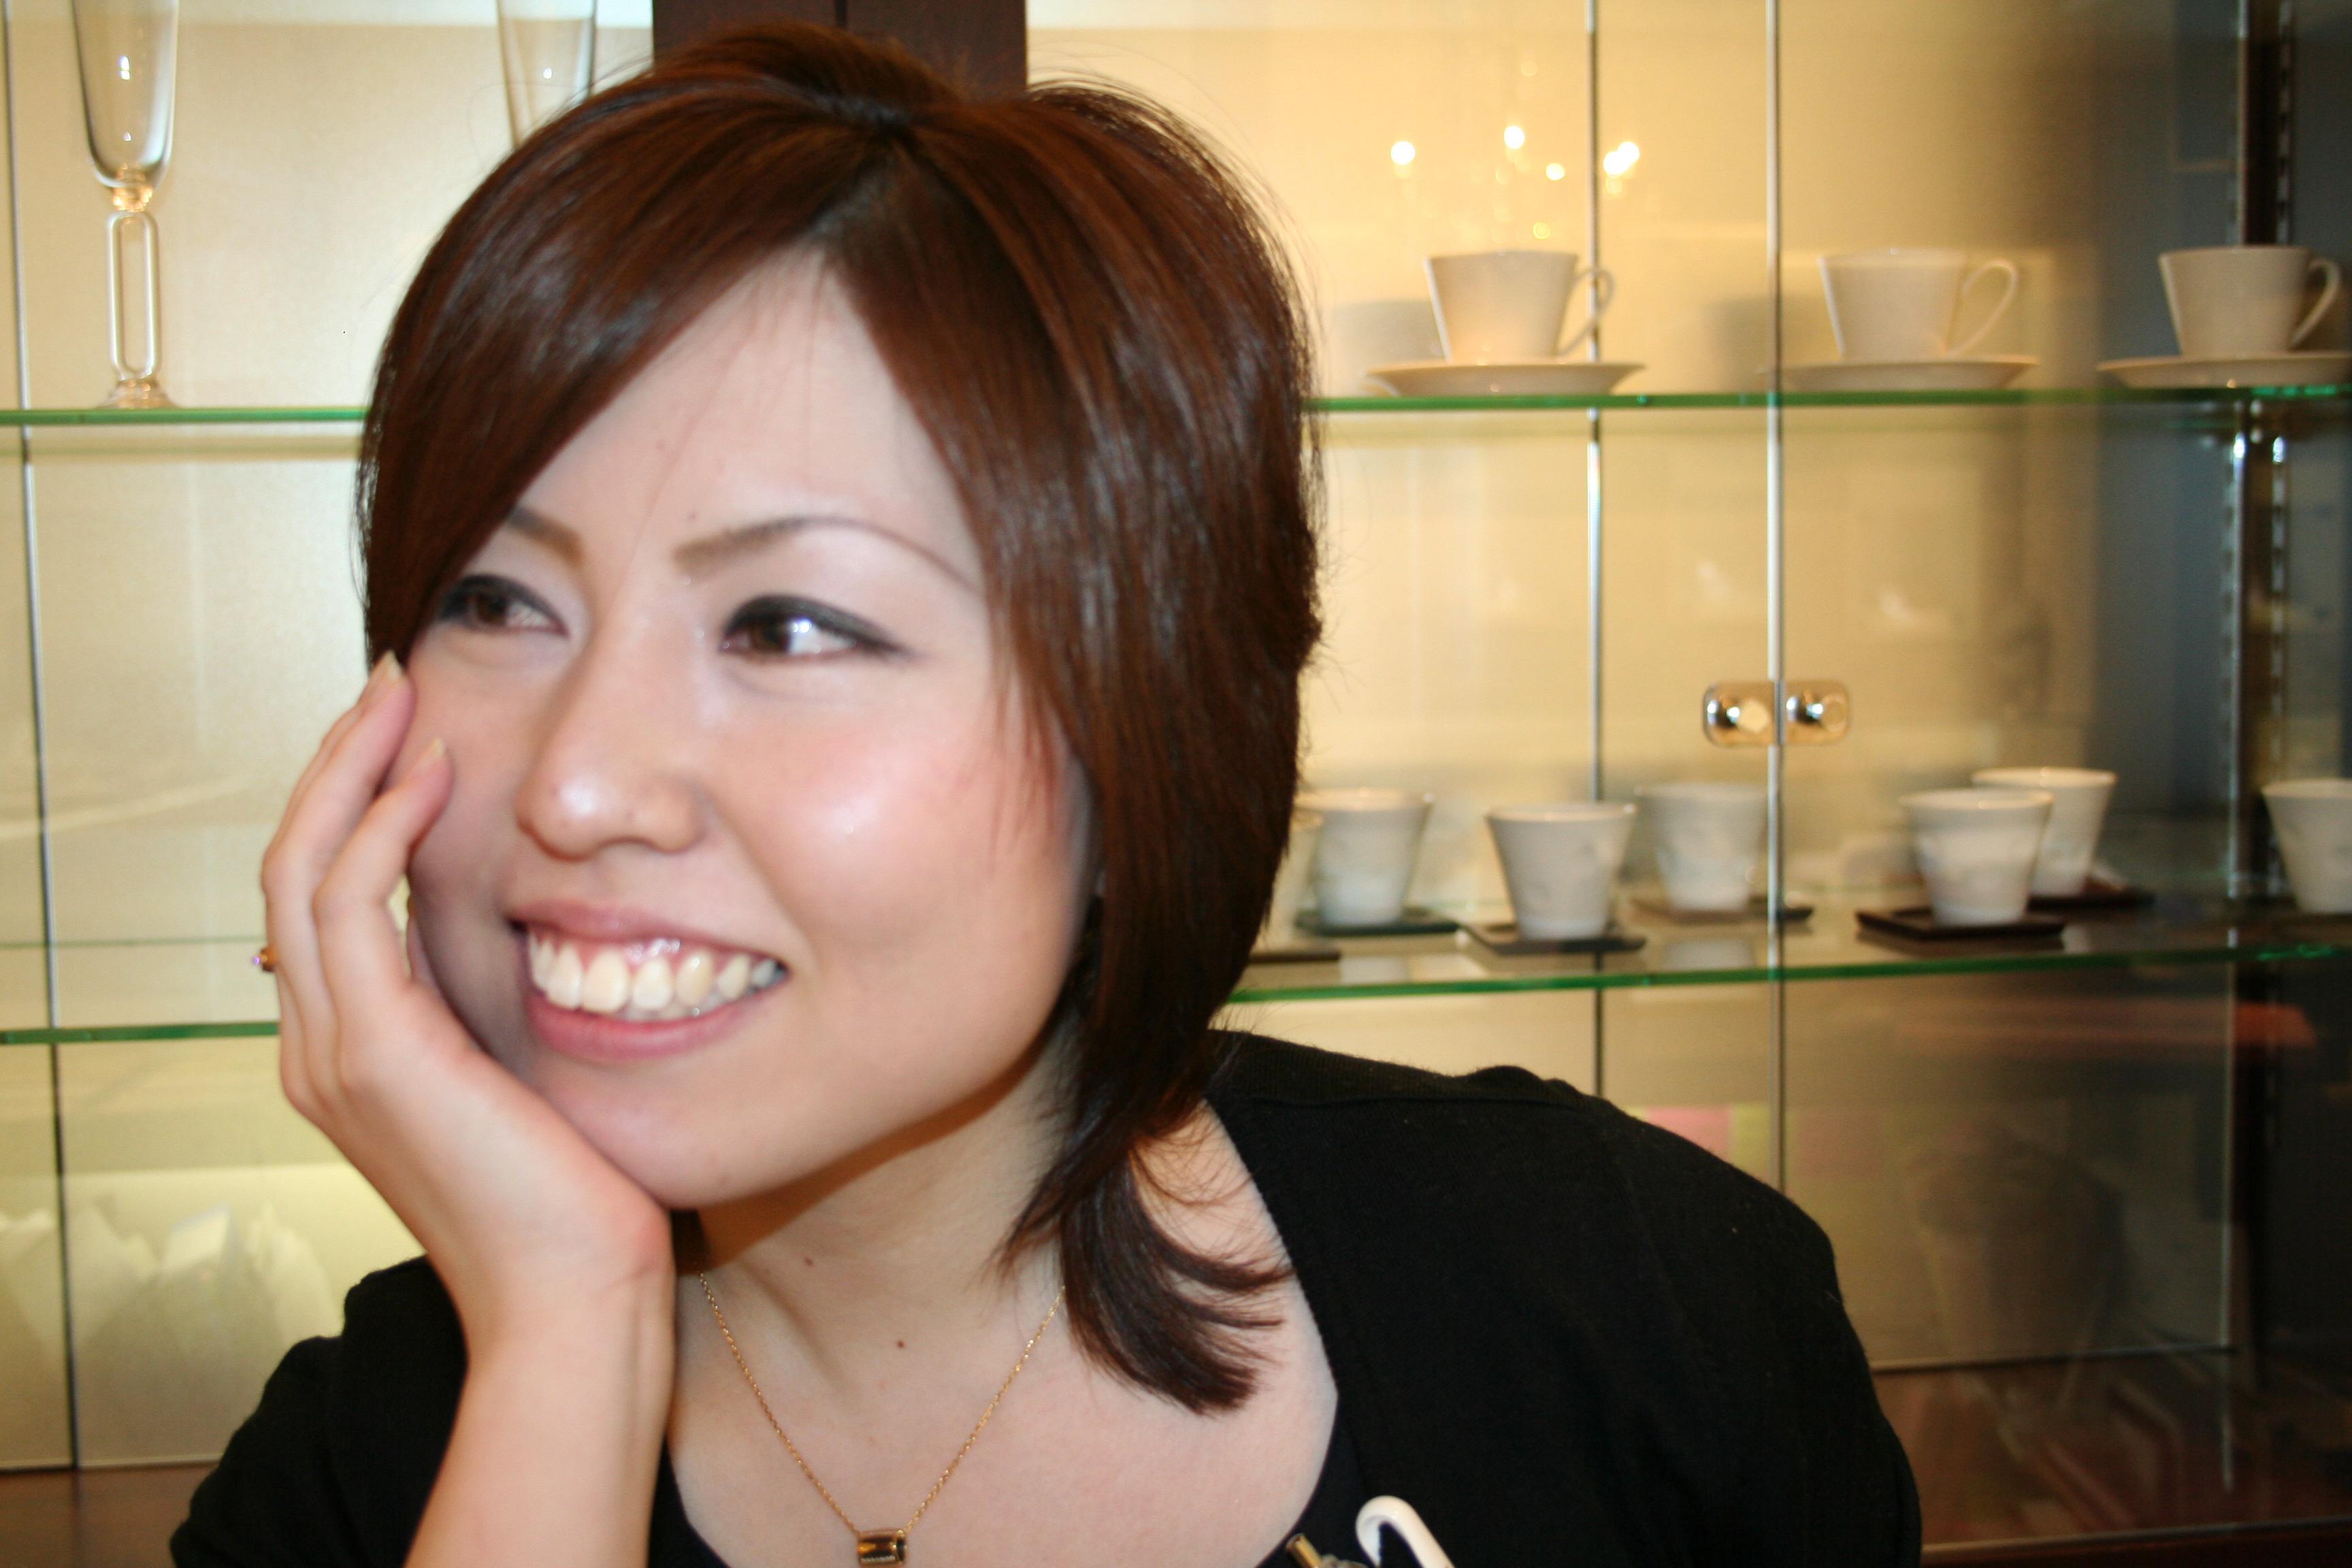 それはさておき色は、『ピンクアッシュ』を注文したみたいで髪型は、 『JJの加藤夏希みたいにしてください』 ってオーダーしたようです。